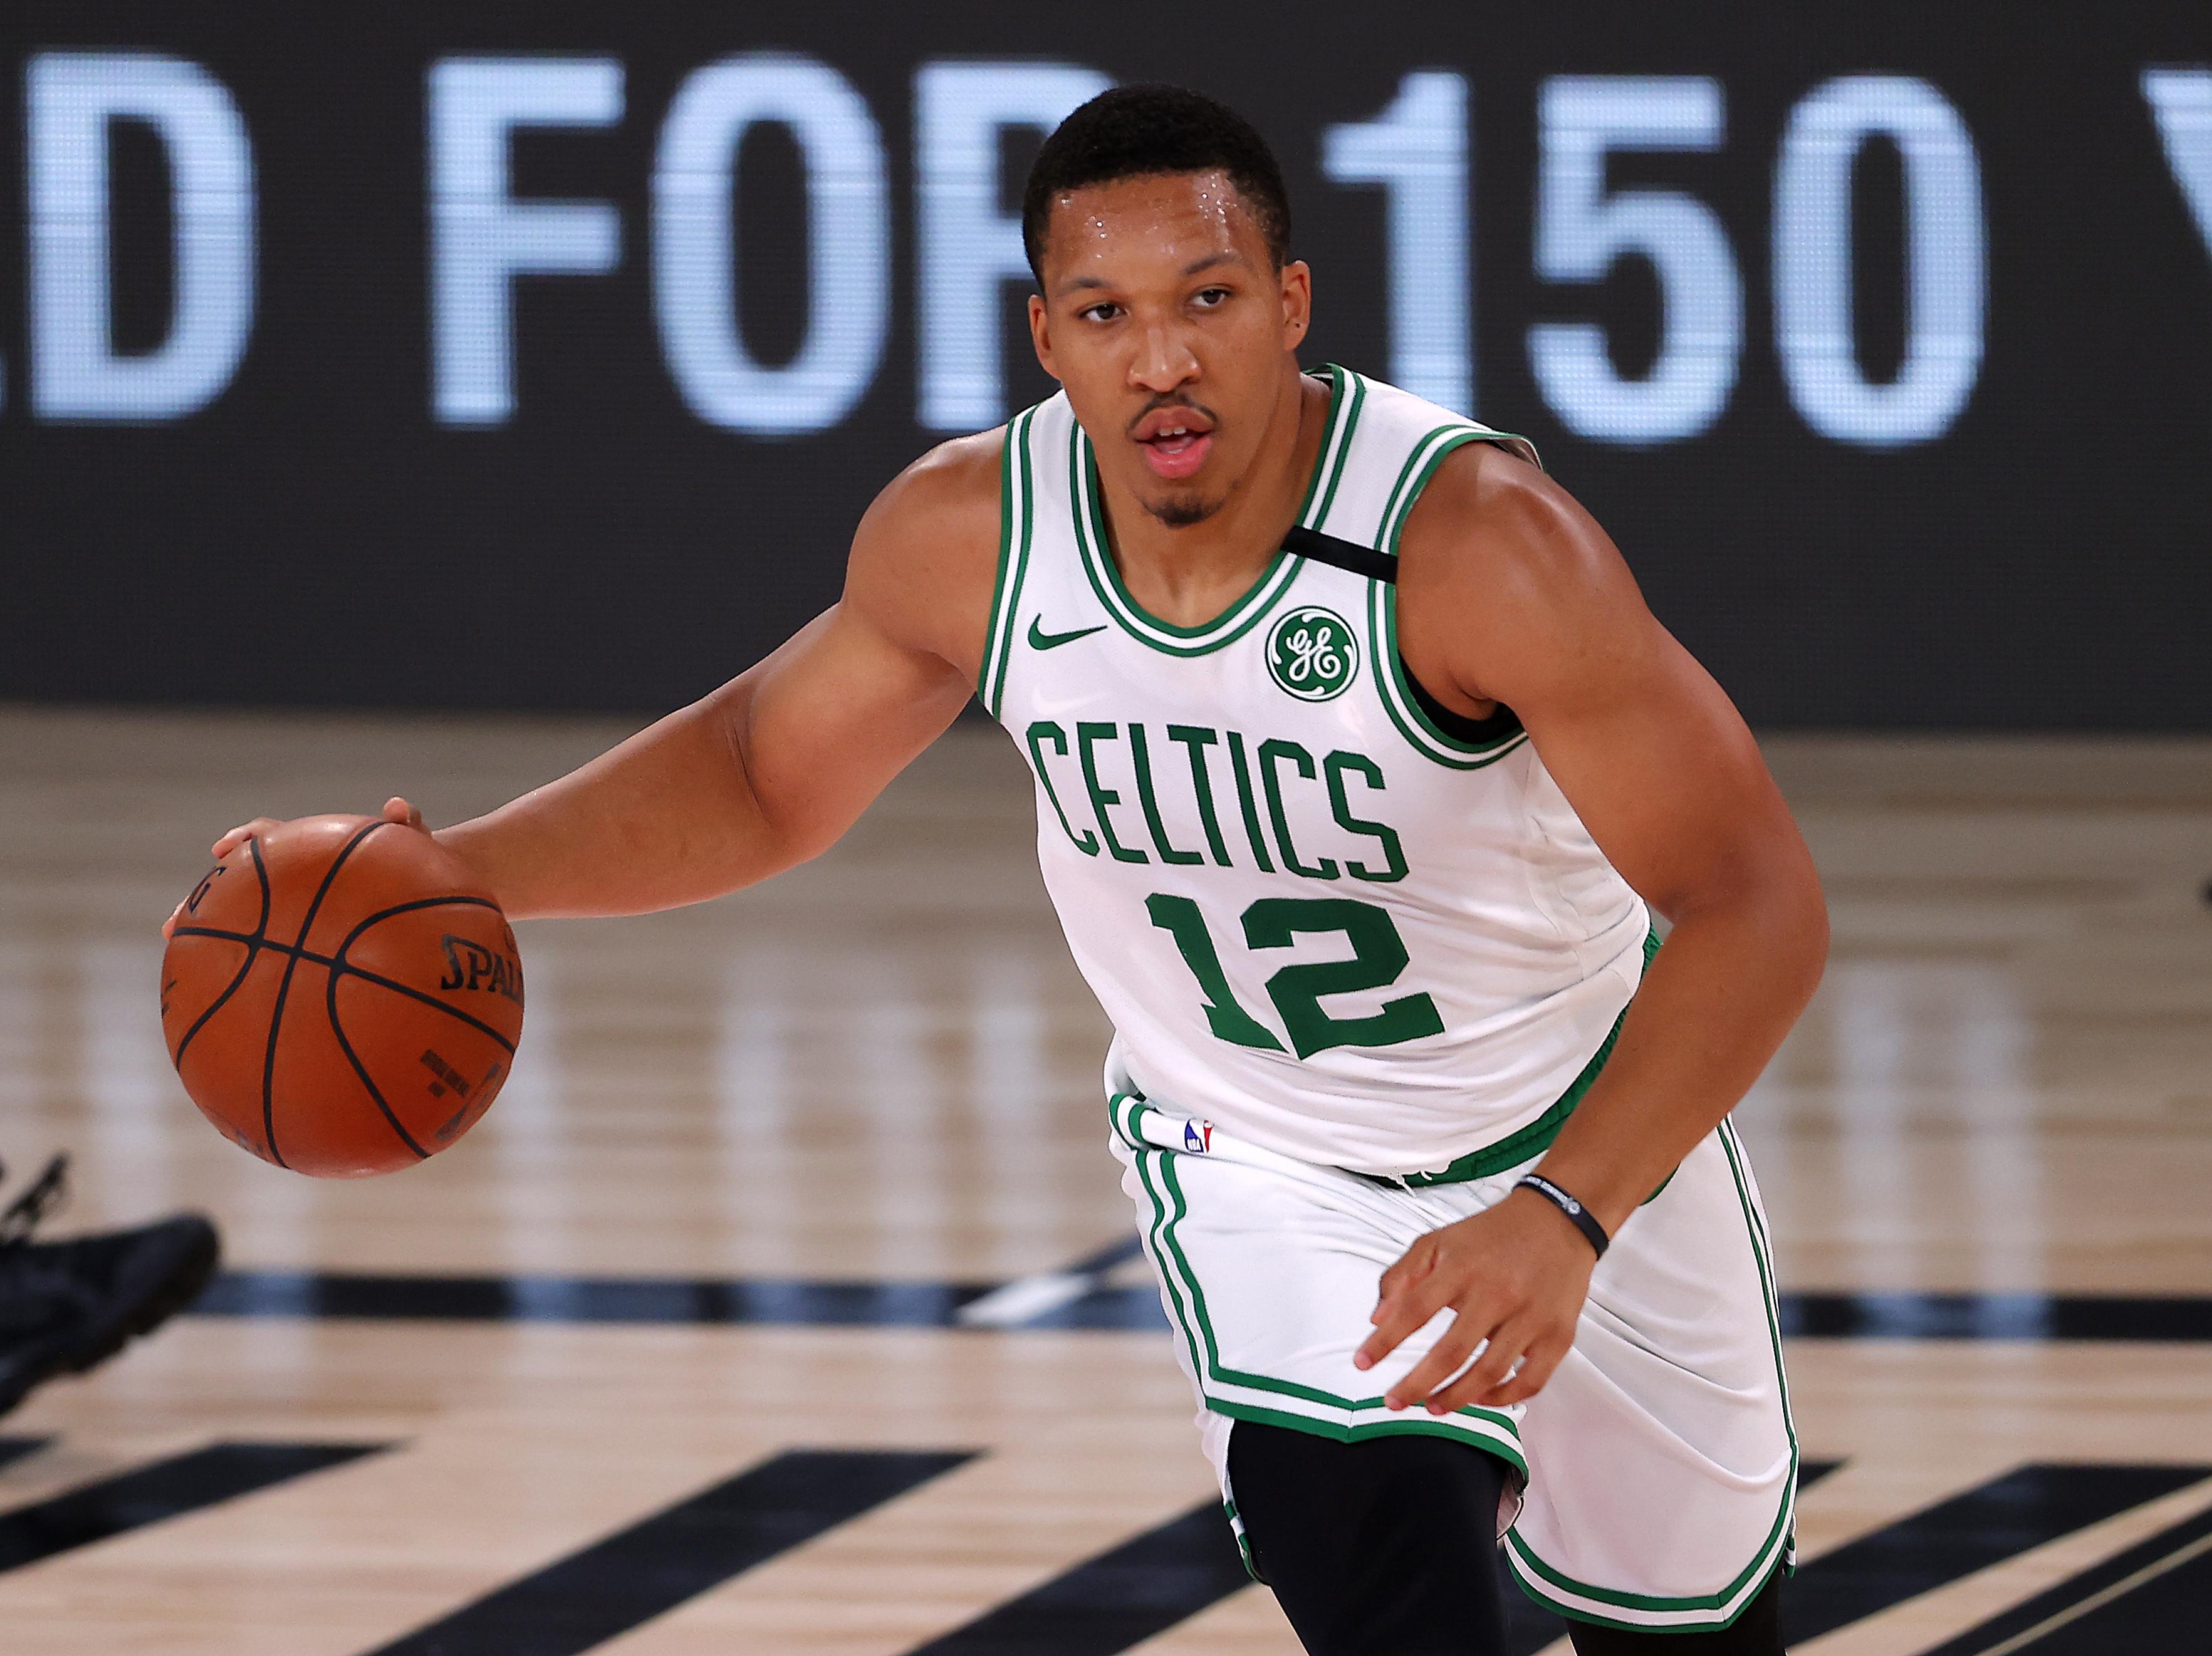 Celtics Vs Raptors Live Stream 9 7 How To Watch Nba Playoffs Online Tv Time Al Com